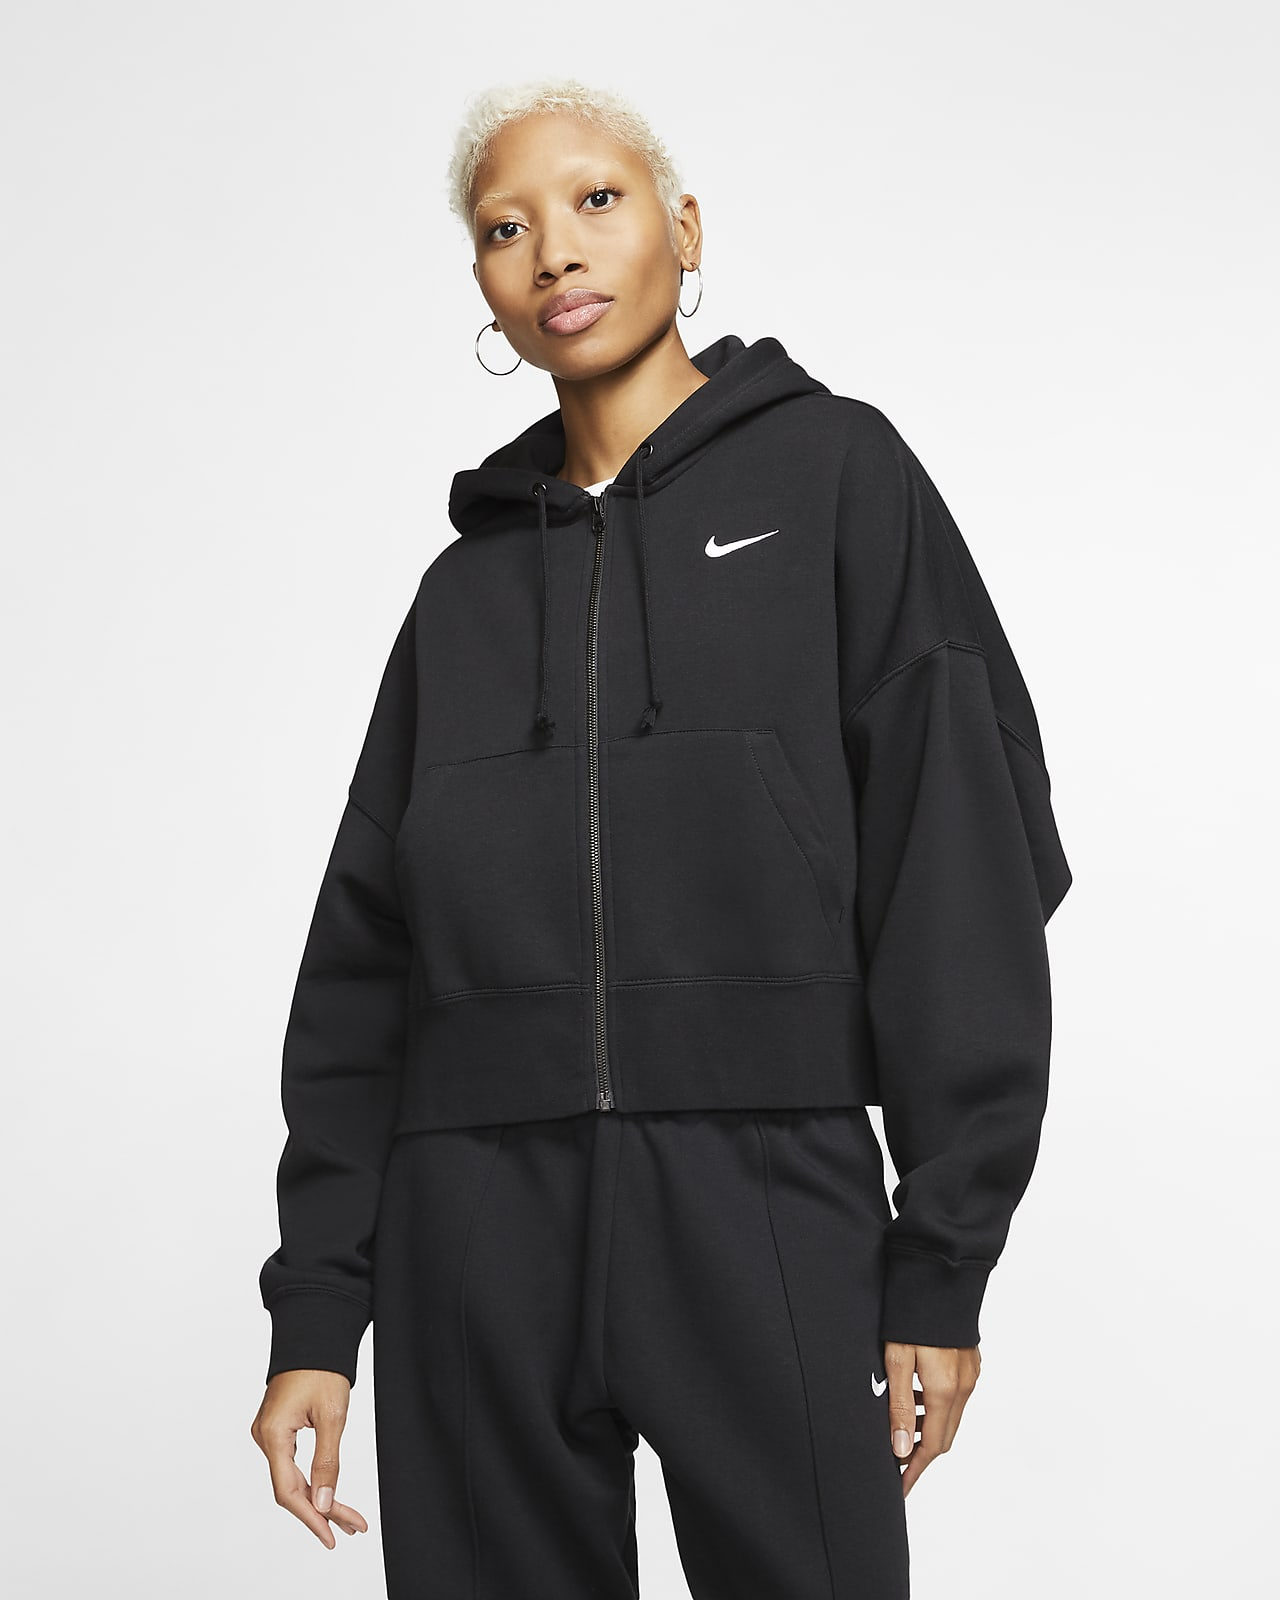 Nike Sportswear Essential Women's Full-Zip Fleece Hoodie